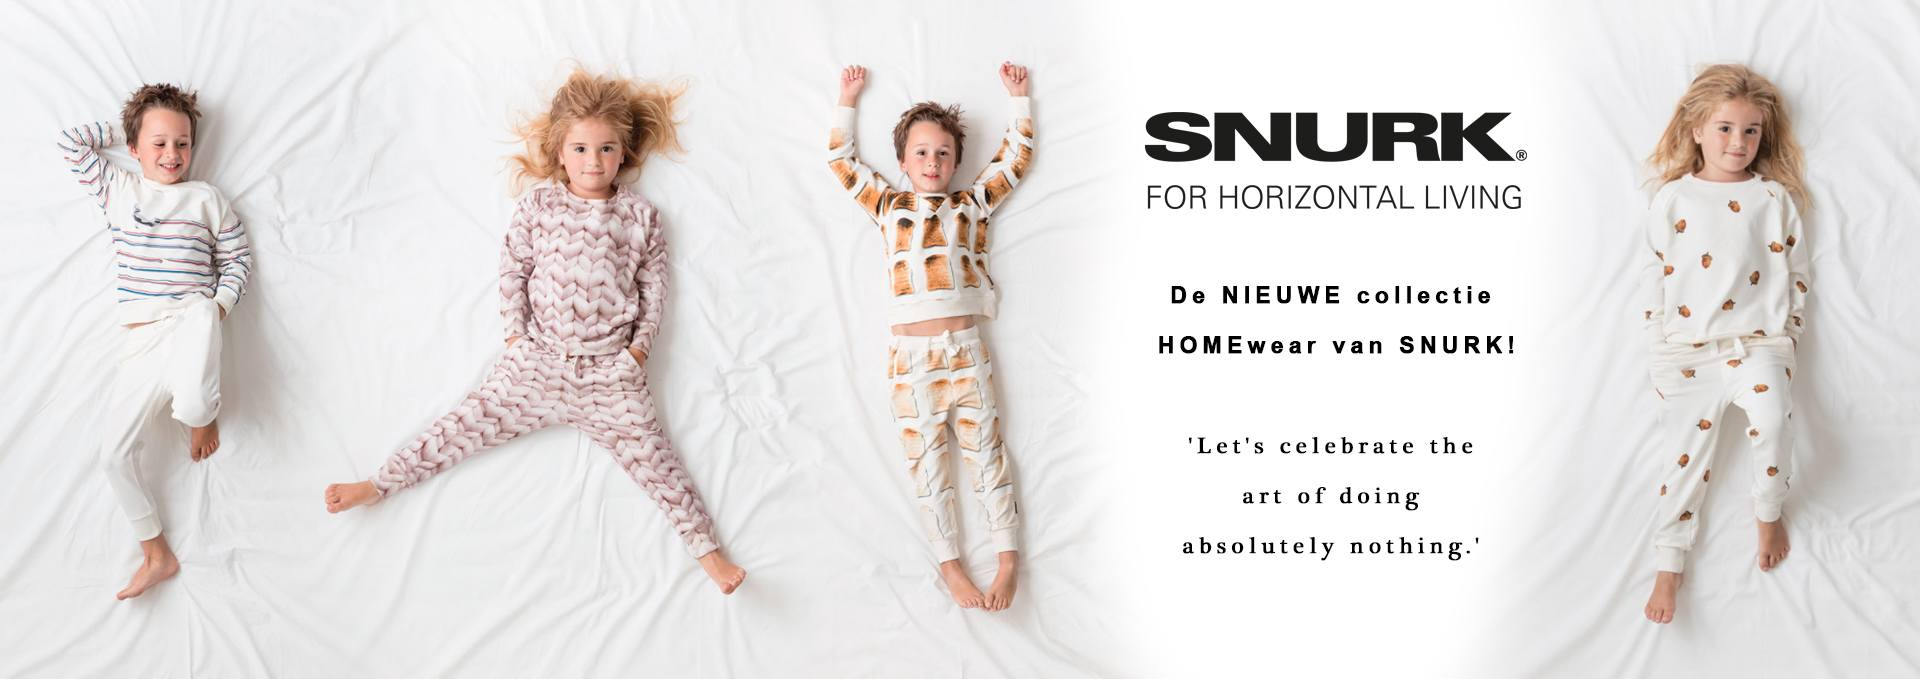 Snurk Pyjama's